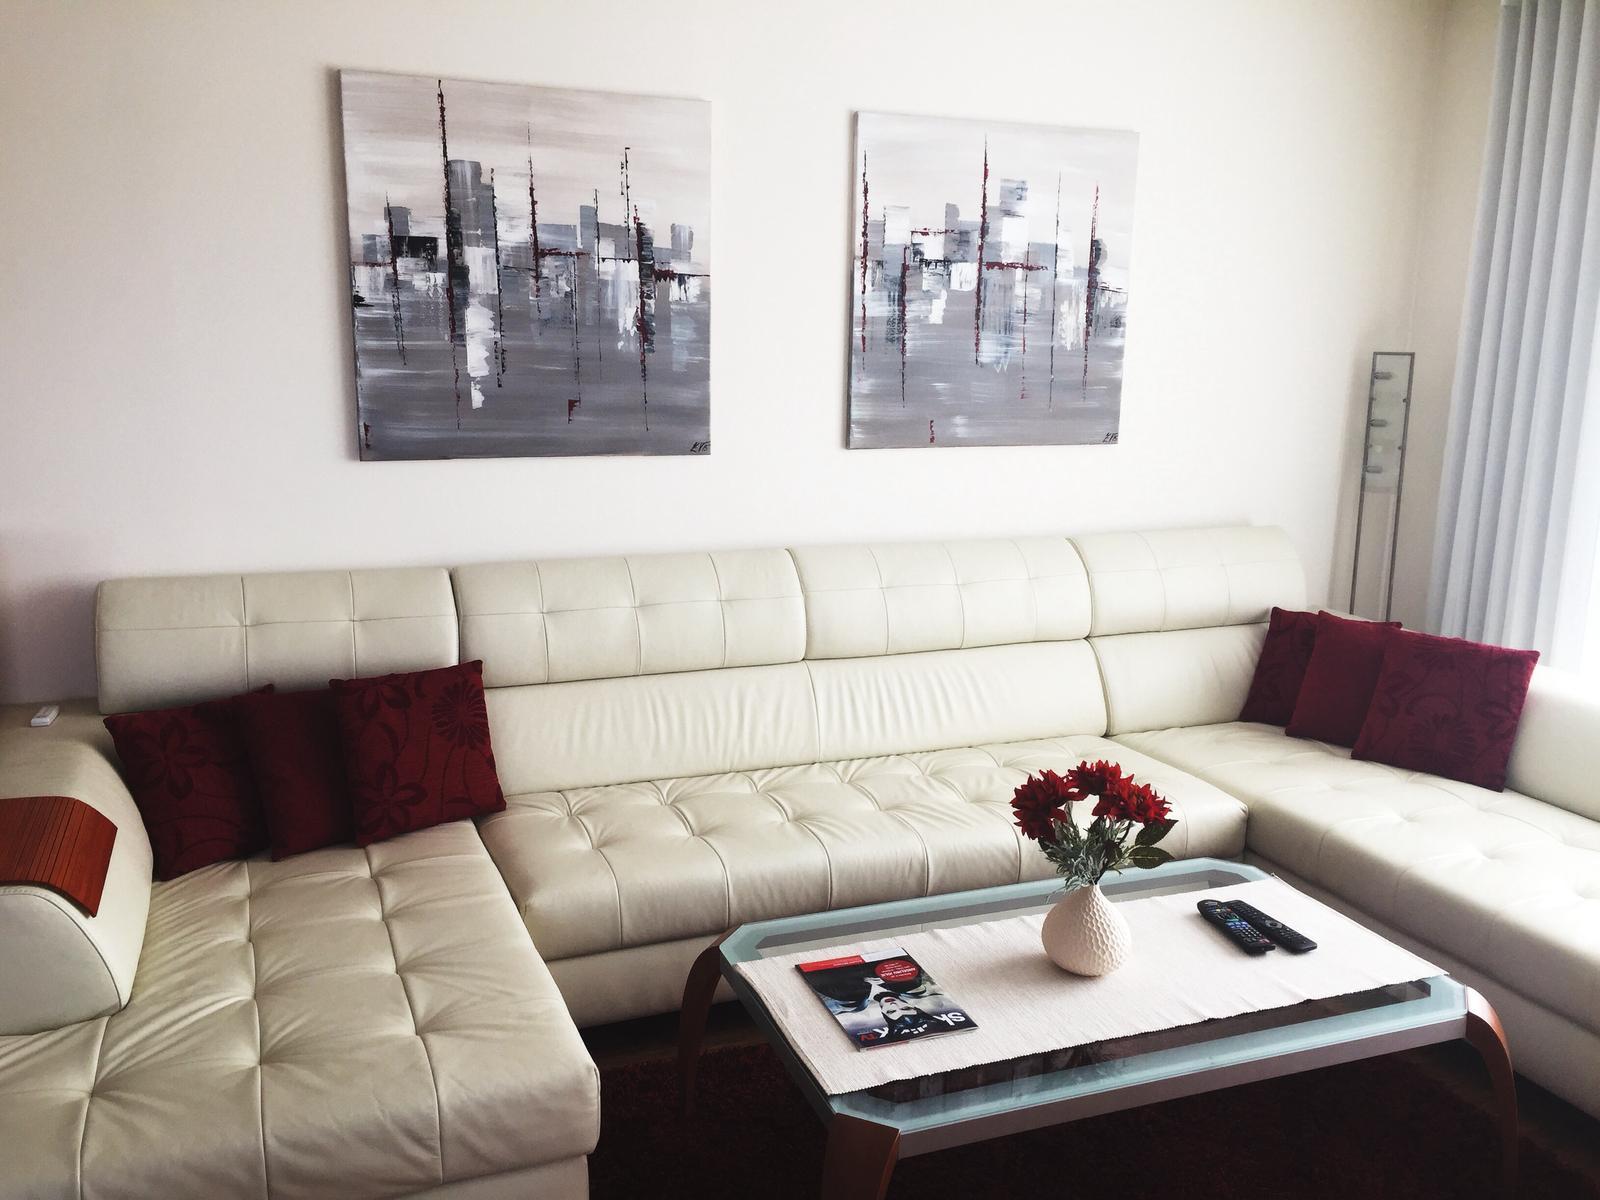 Mé obrazy v interiérech - Obrázek č. 37